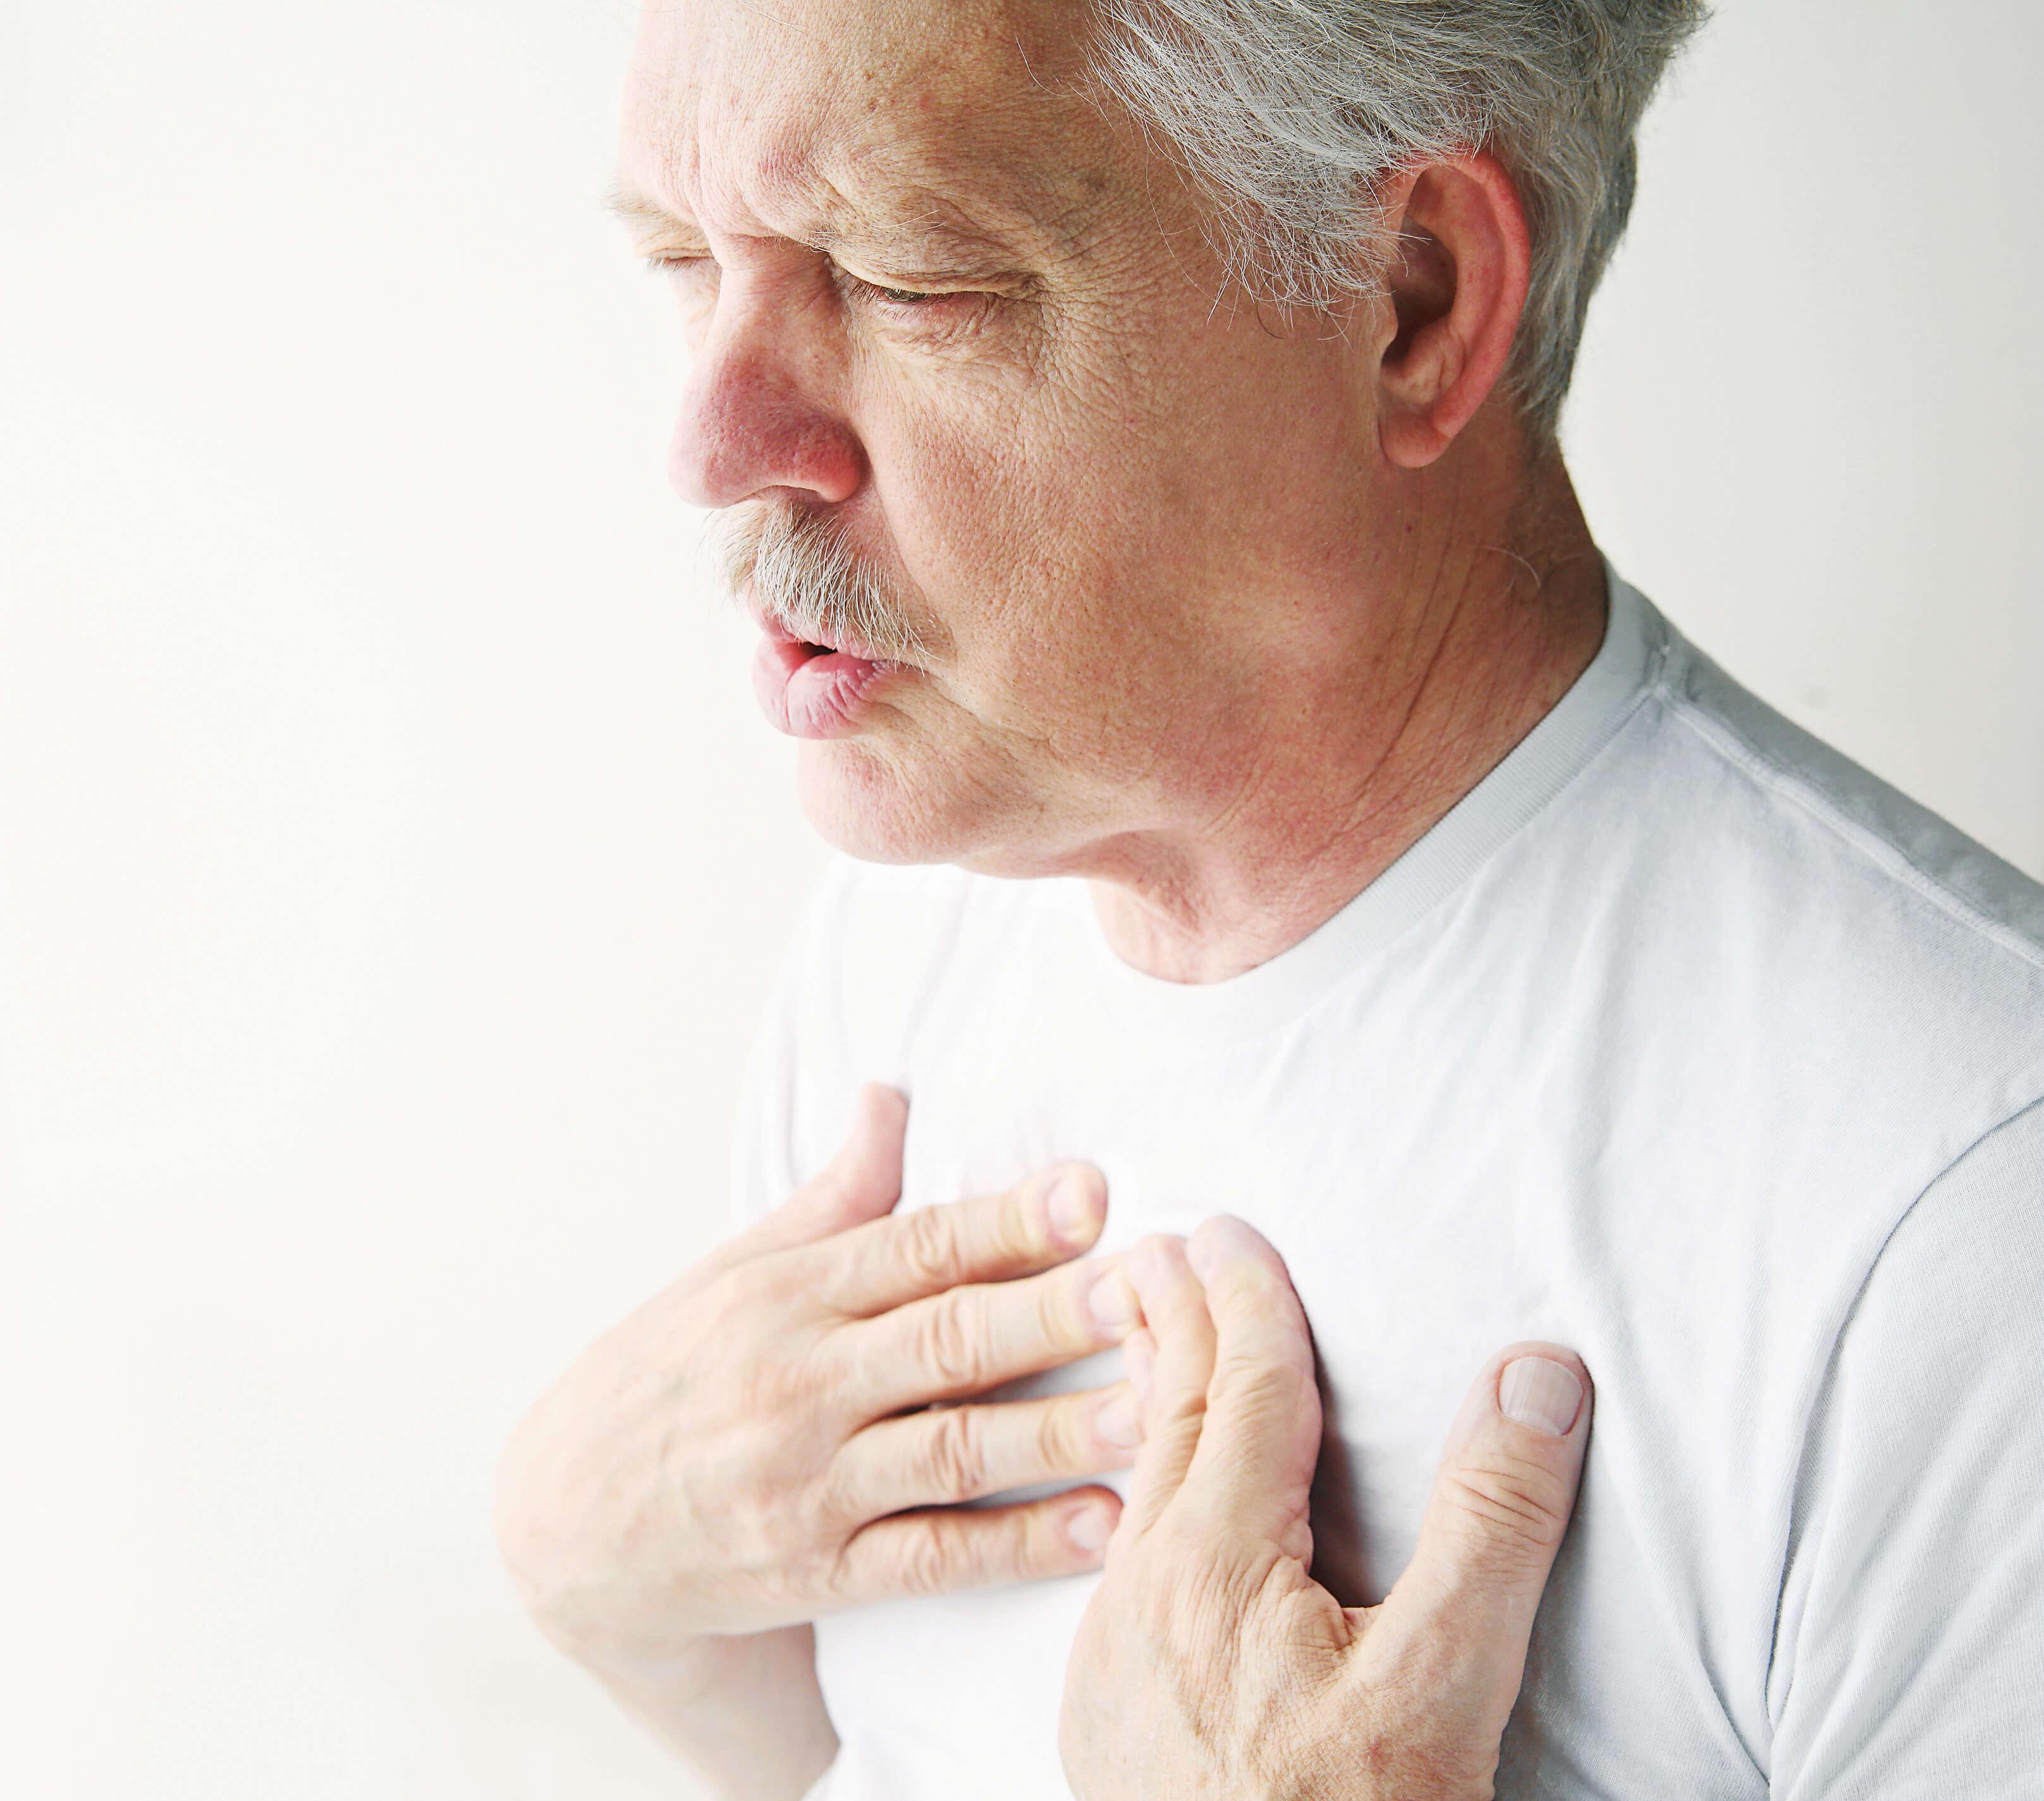 Lungebetændelse kan være en ganske alvorlig sygdom, så det er vigtigt at kende tegnene